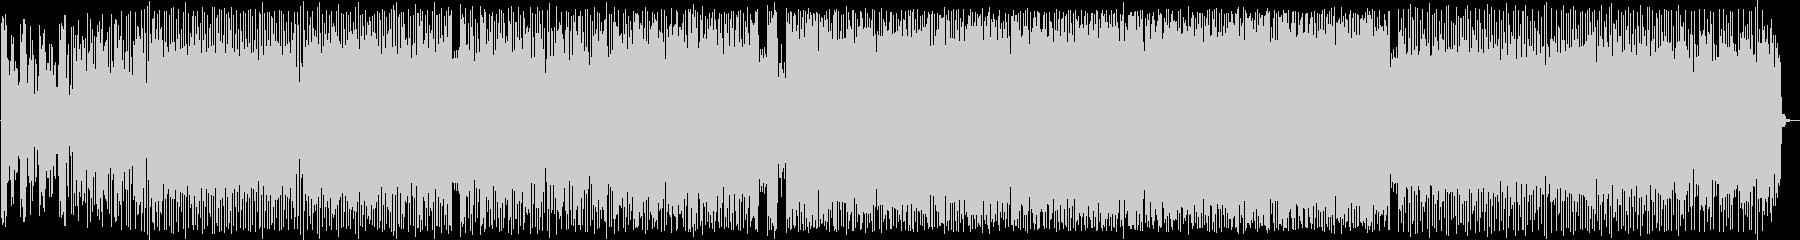 コミカルなシンセポップハウス系EDMの未再生の波形